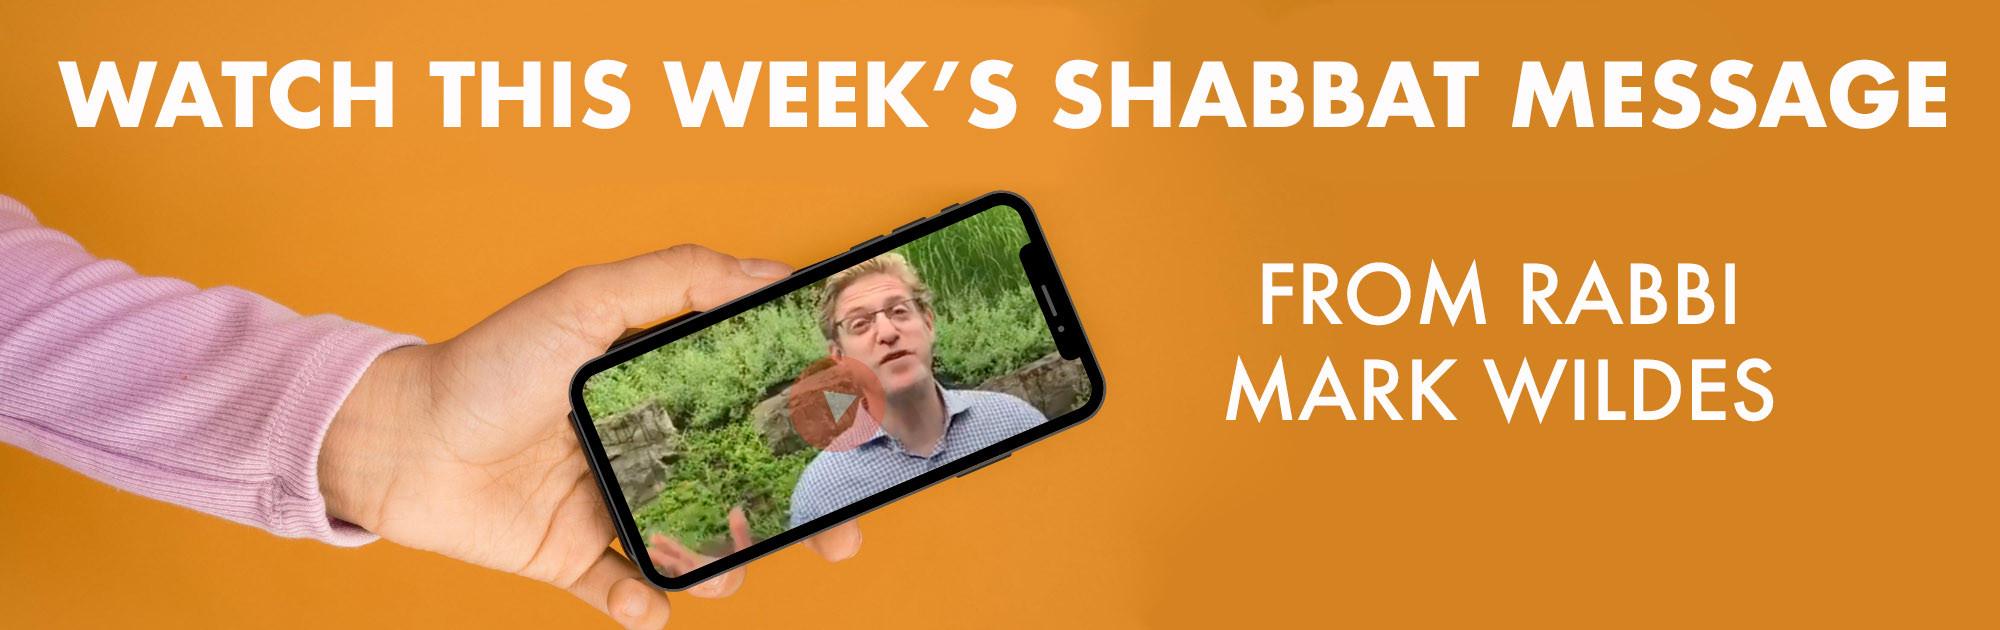 RMW Shabbat Message